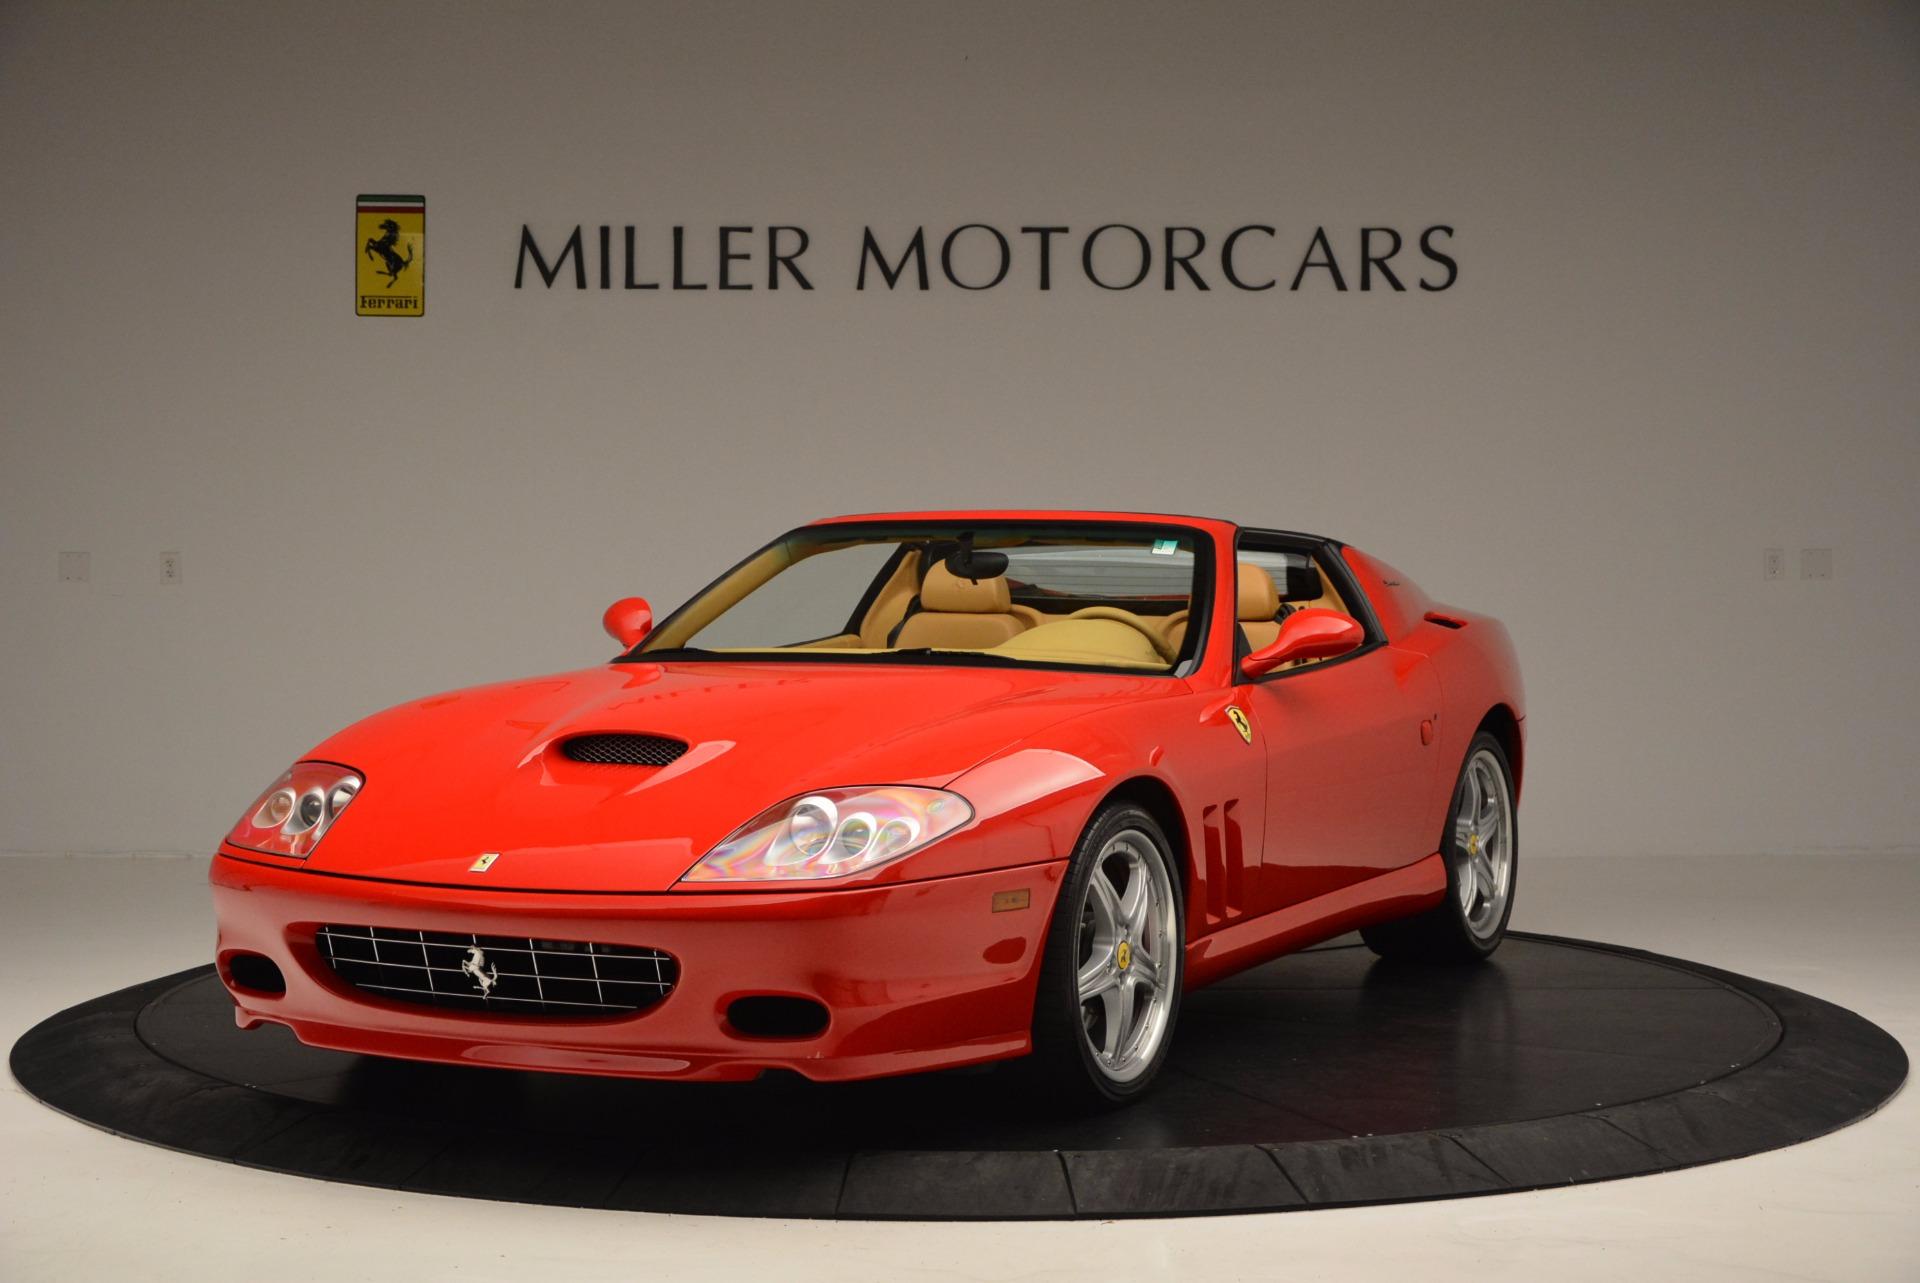 Used 2005 Ferrari Superamerica 6-Speed Manual For Sale In Greenwich, CT. Alfa Romeo of Greenwich, 4349 678_main